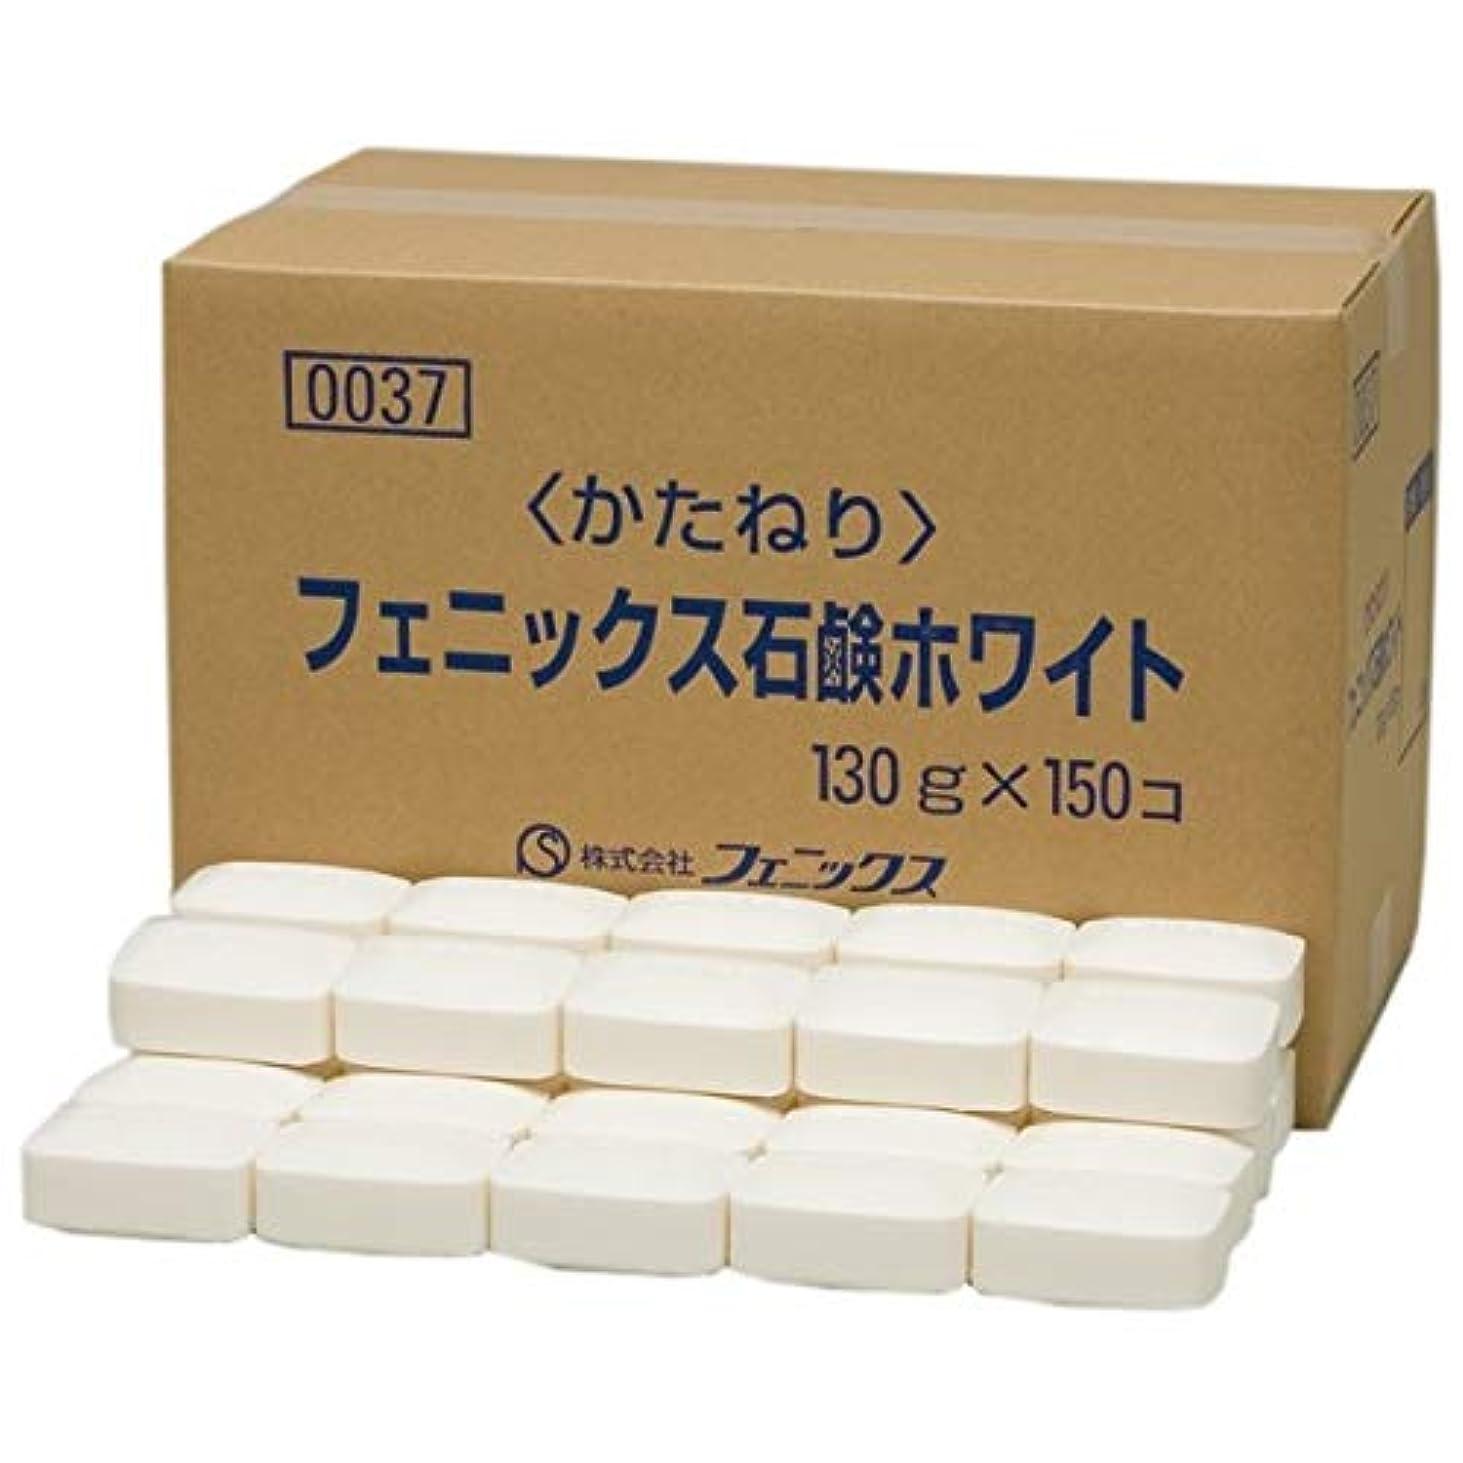 しなやかなかどうかピンフェニックスホワイト石鹸 130g×150個入